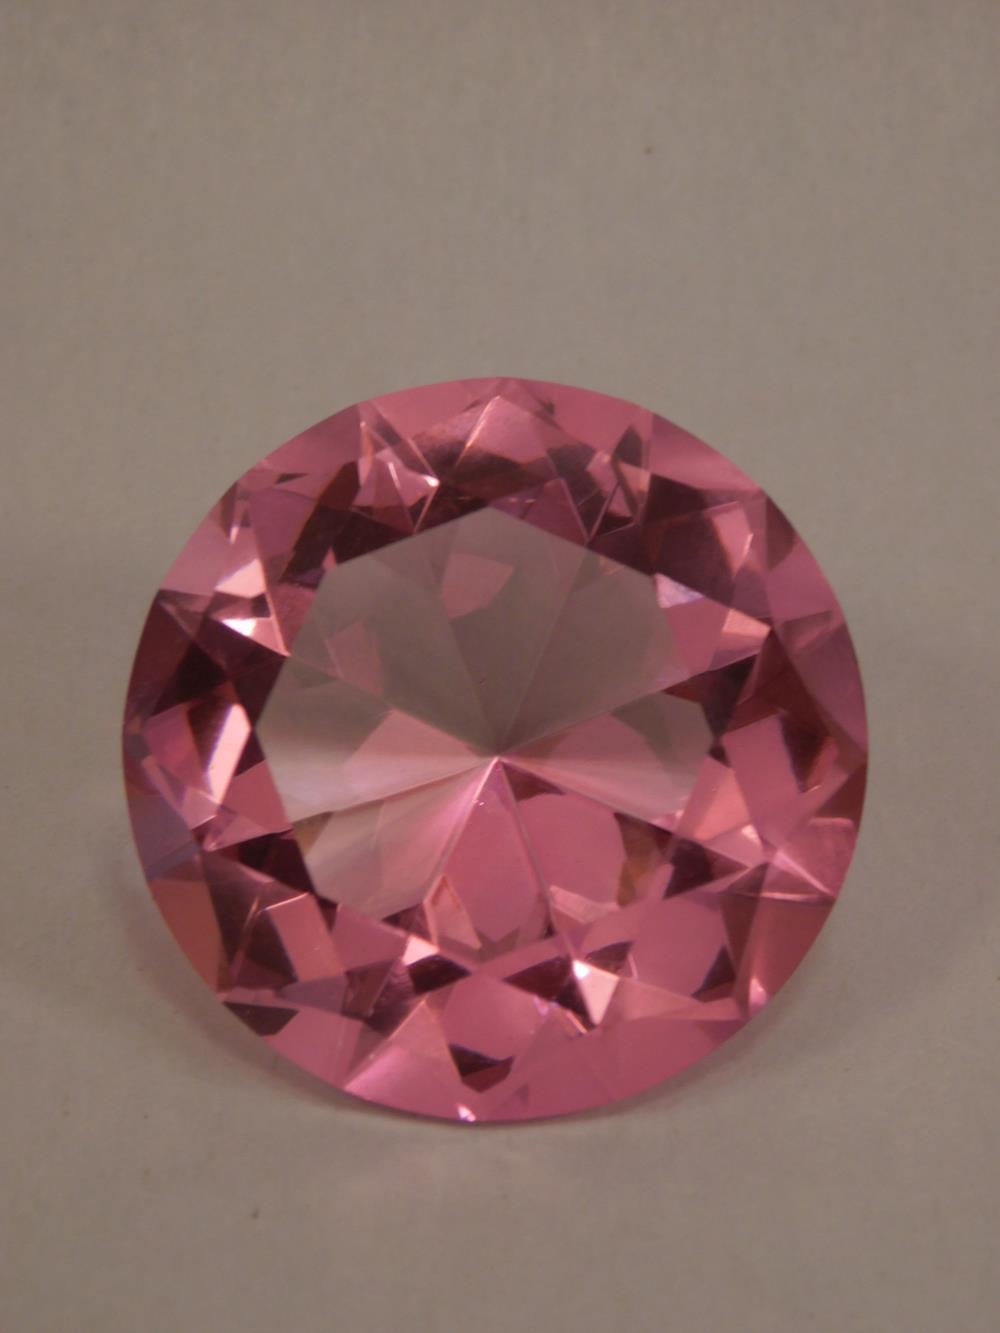 PINK CRYSTAL DISPLAY DIAMOND